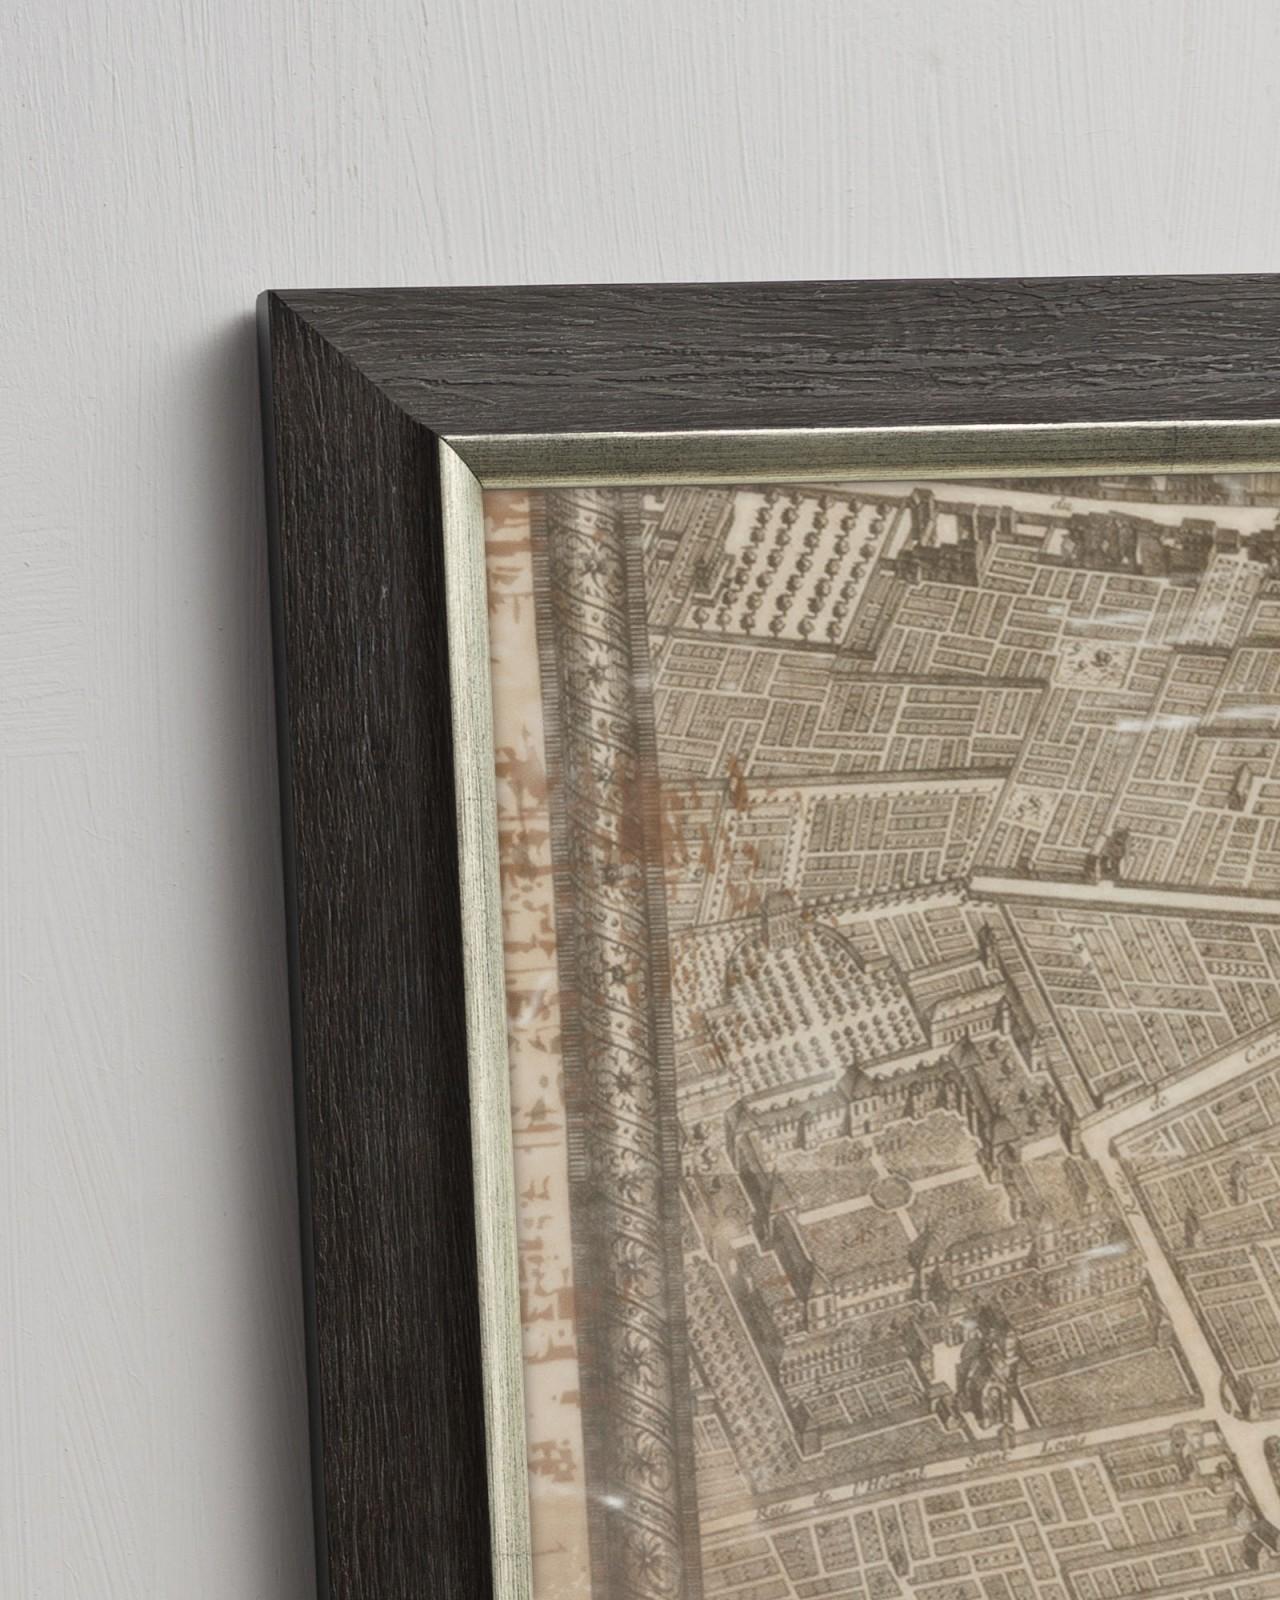 CARTE TOPOGRAPHIQUE DE PARIS 1735 Set of 4 Framed art